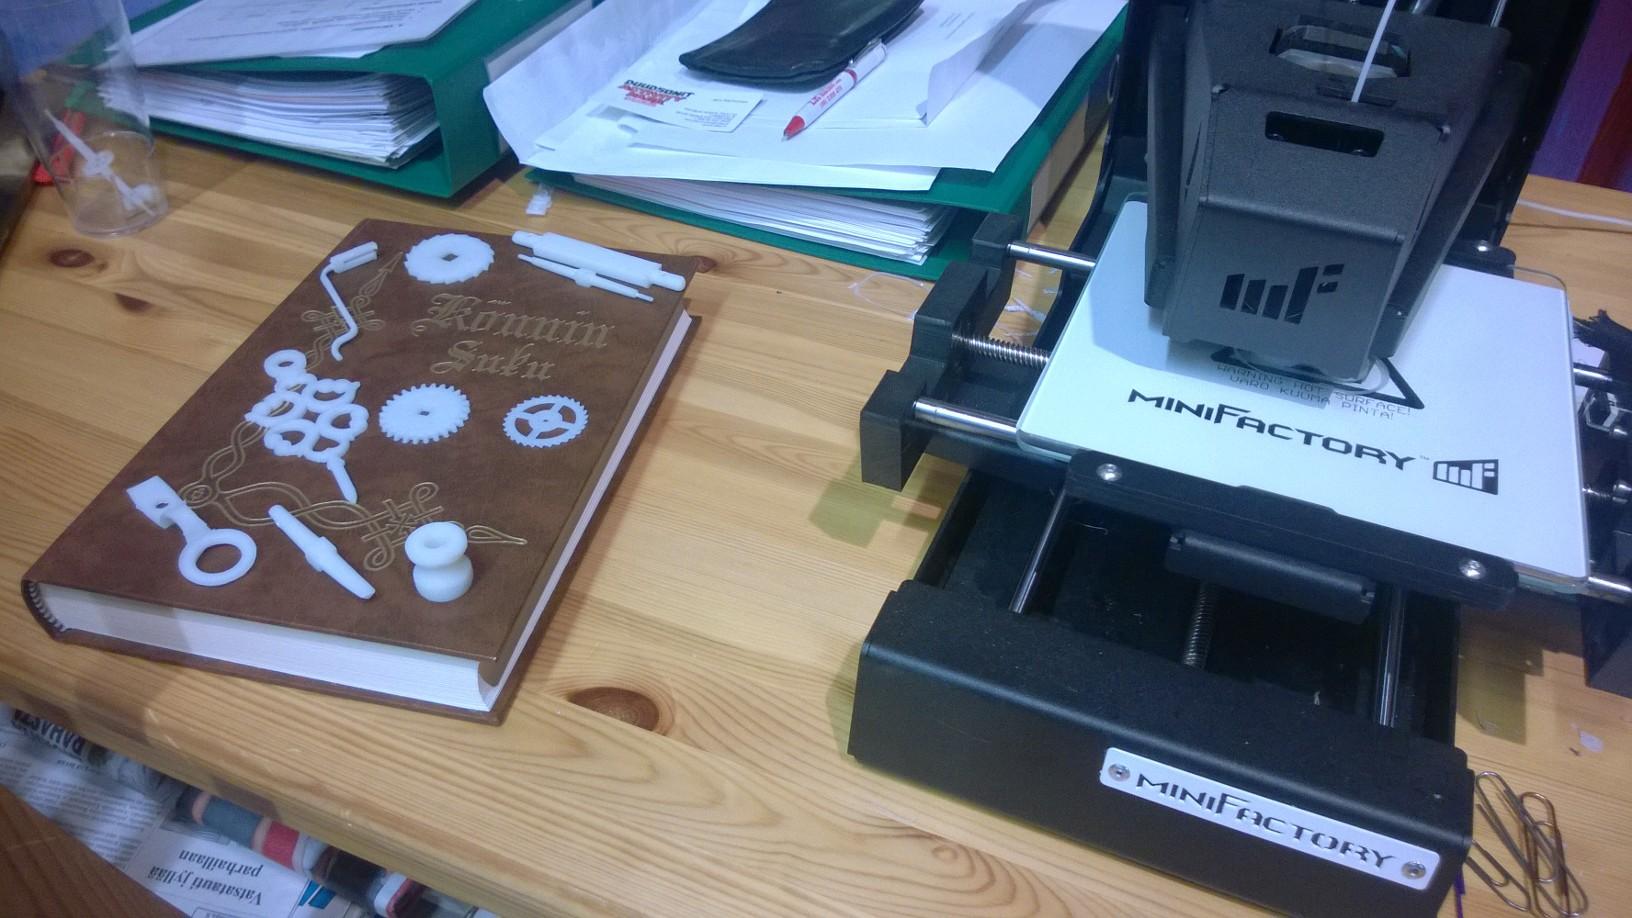 miniFactoryn 3D-tulostin valmistamassa kello-osia f3d26d22d2